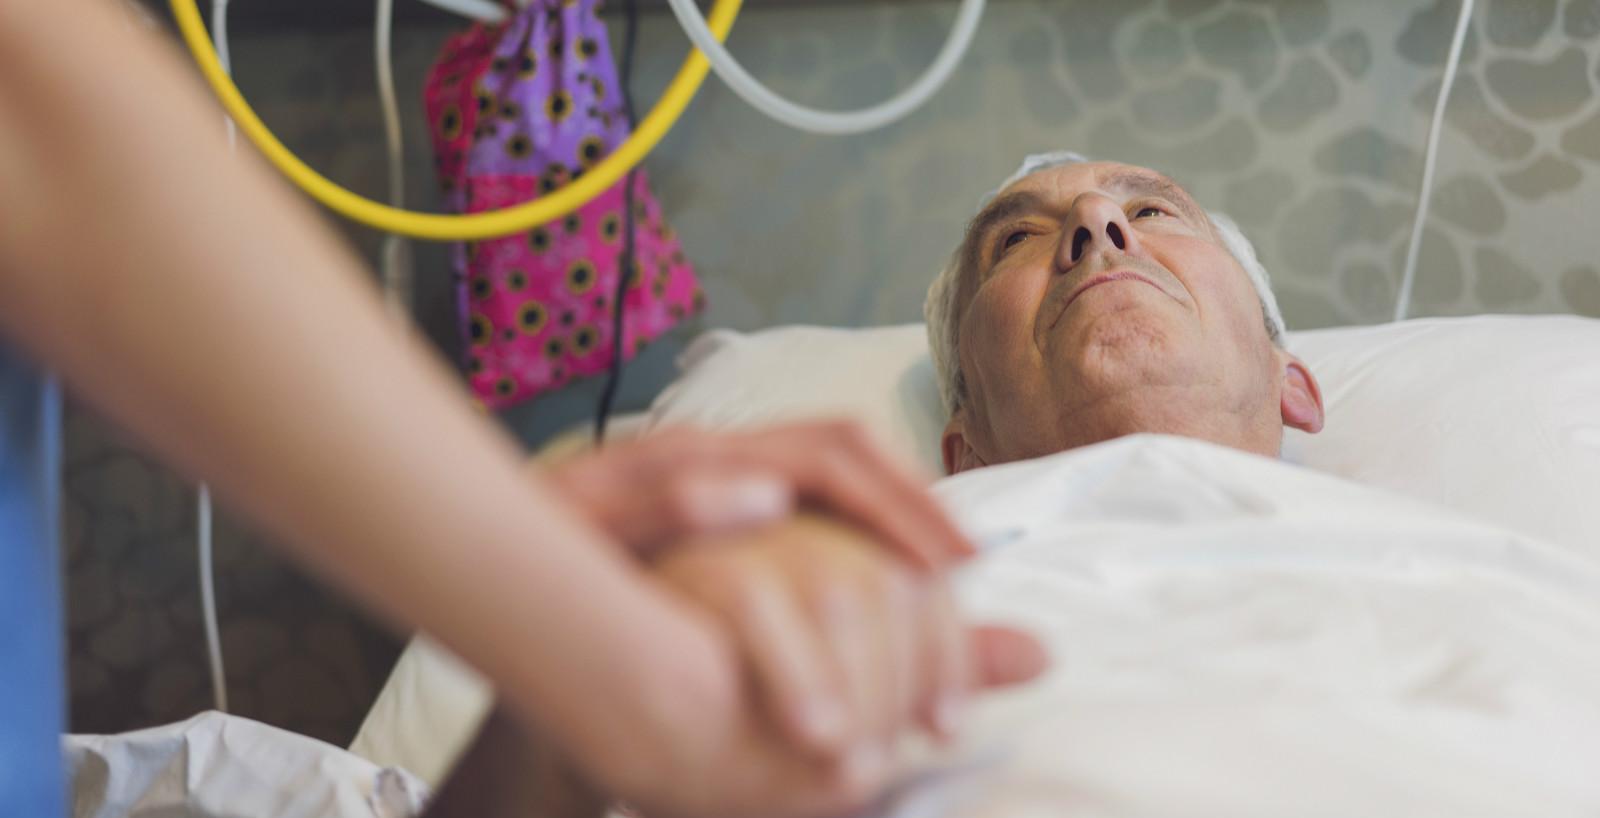 赛博士谈养老   每年有4000万老人摔跤!这些细节可能带来致命风险